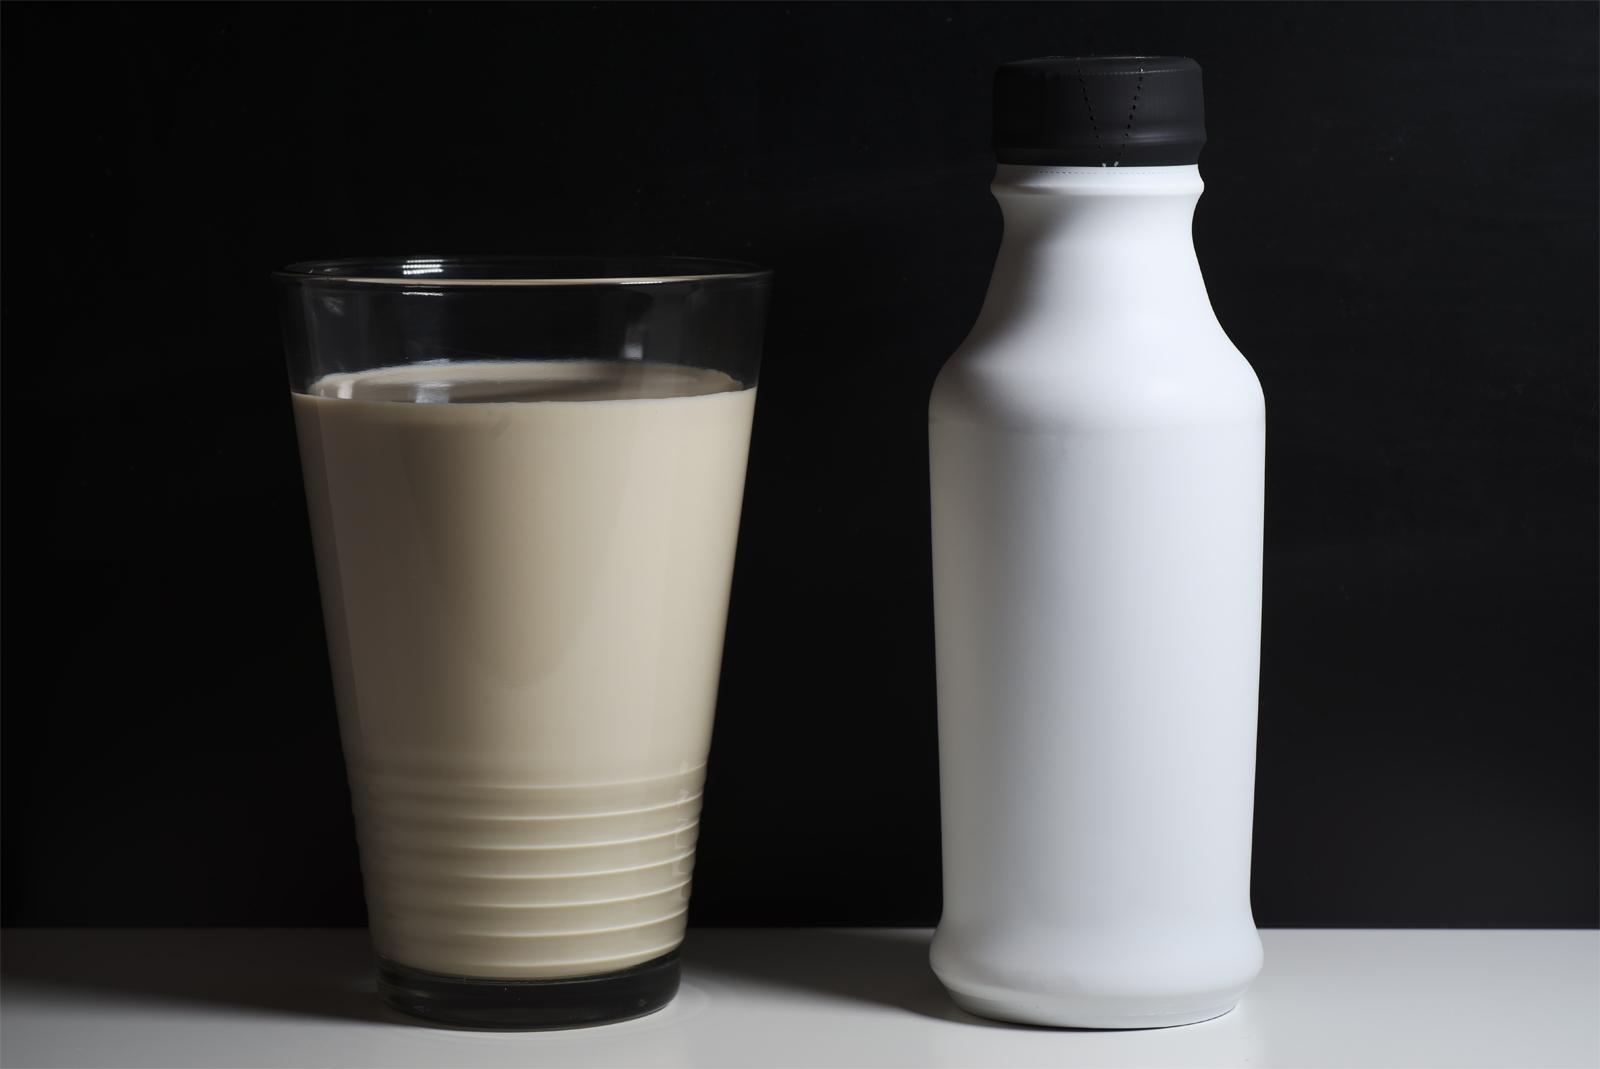 Белковый коктейль способен снизить риск болезни сердца и инсульта